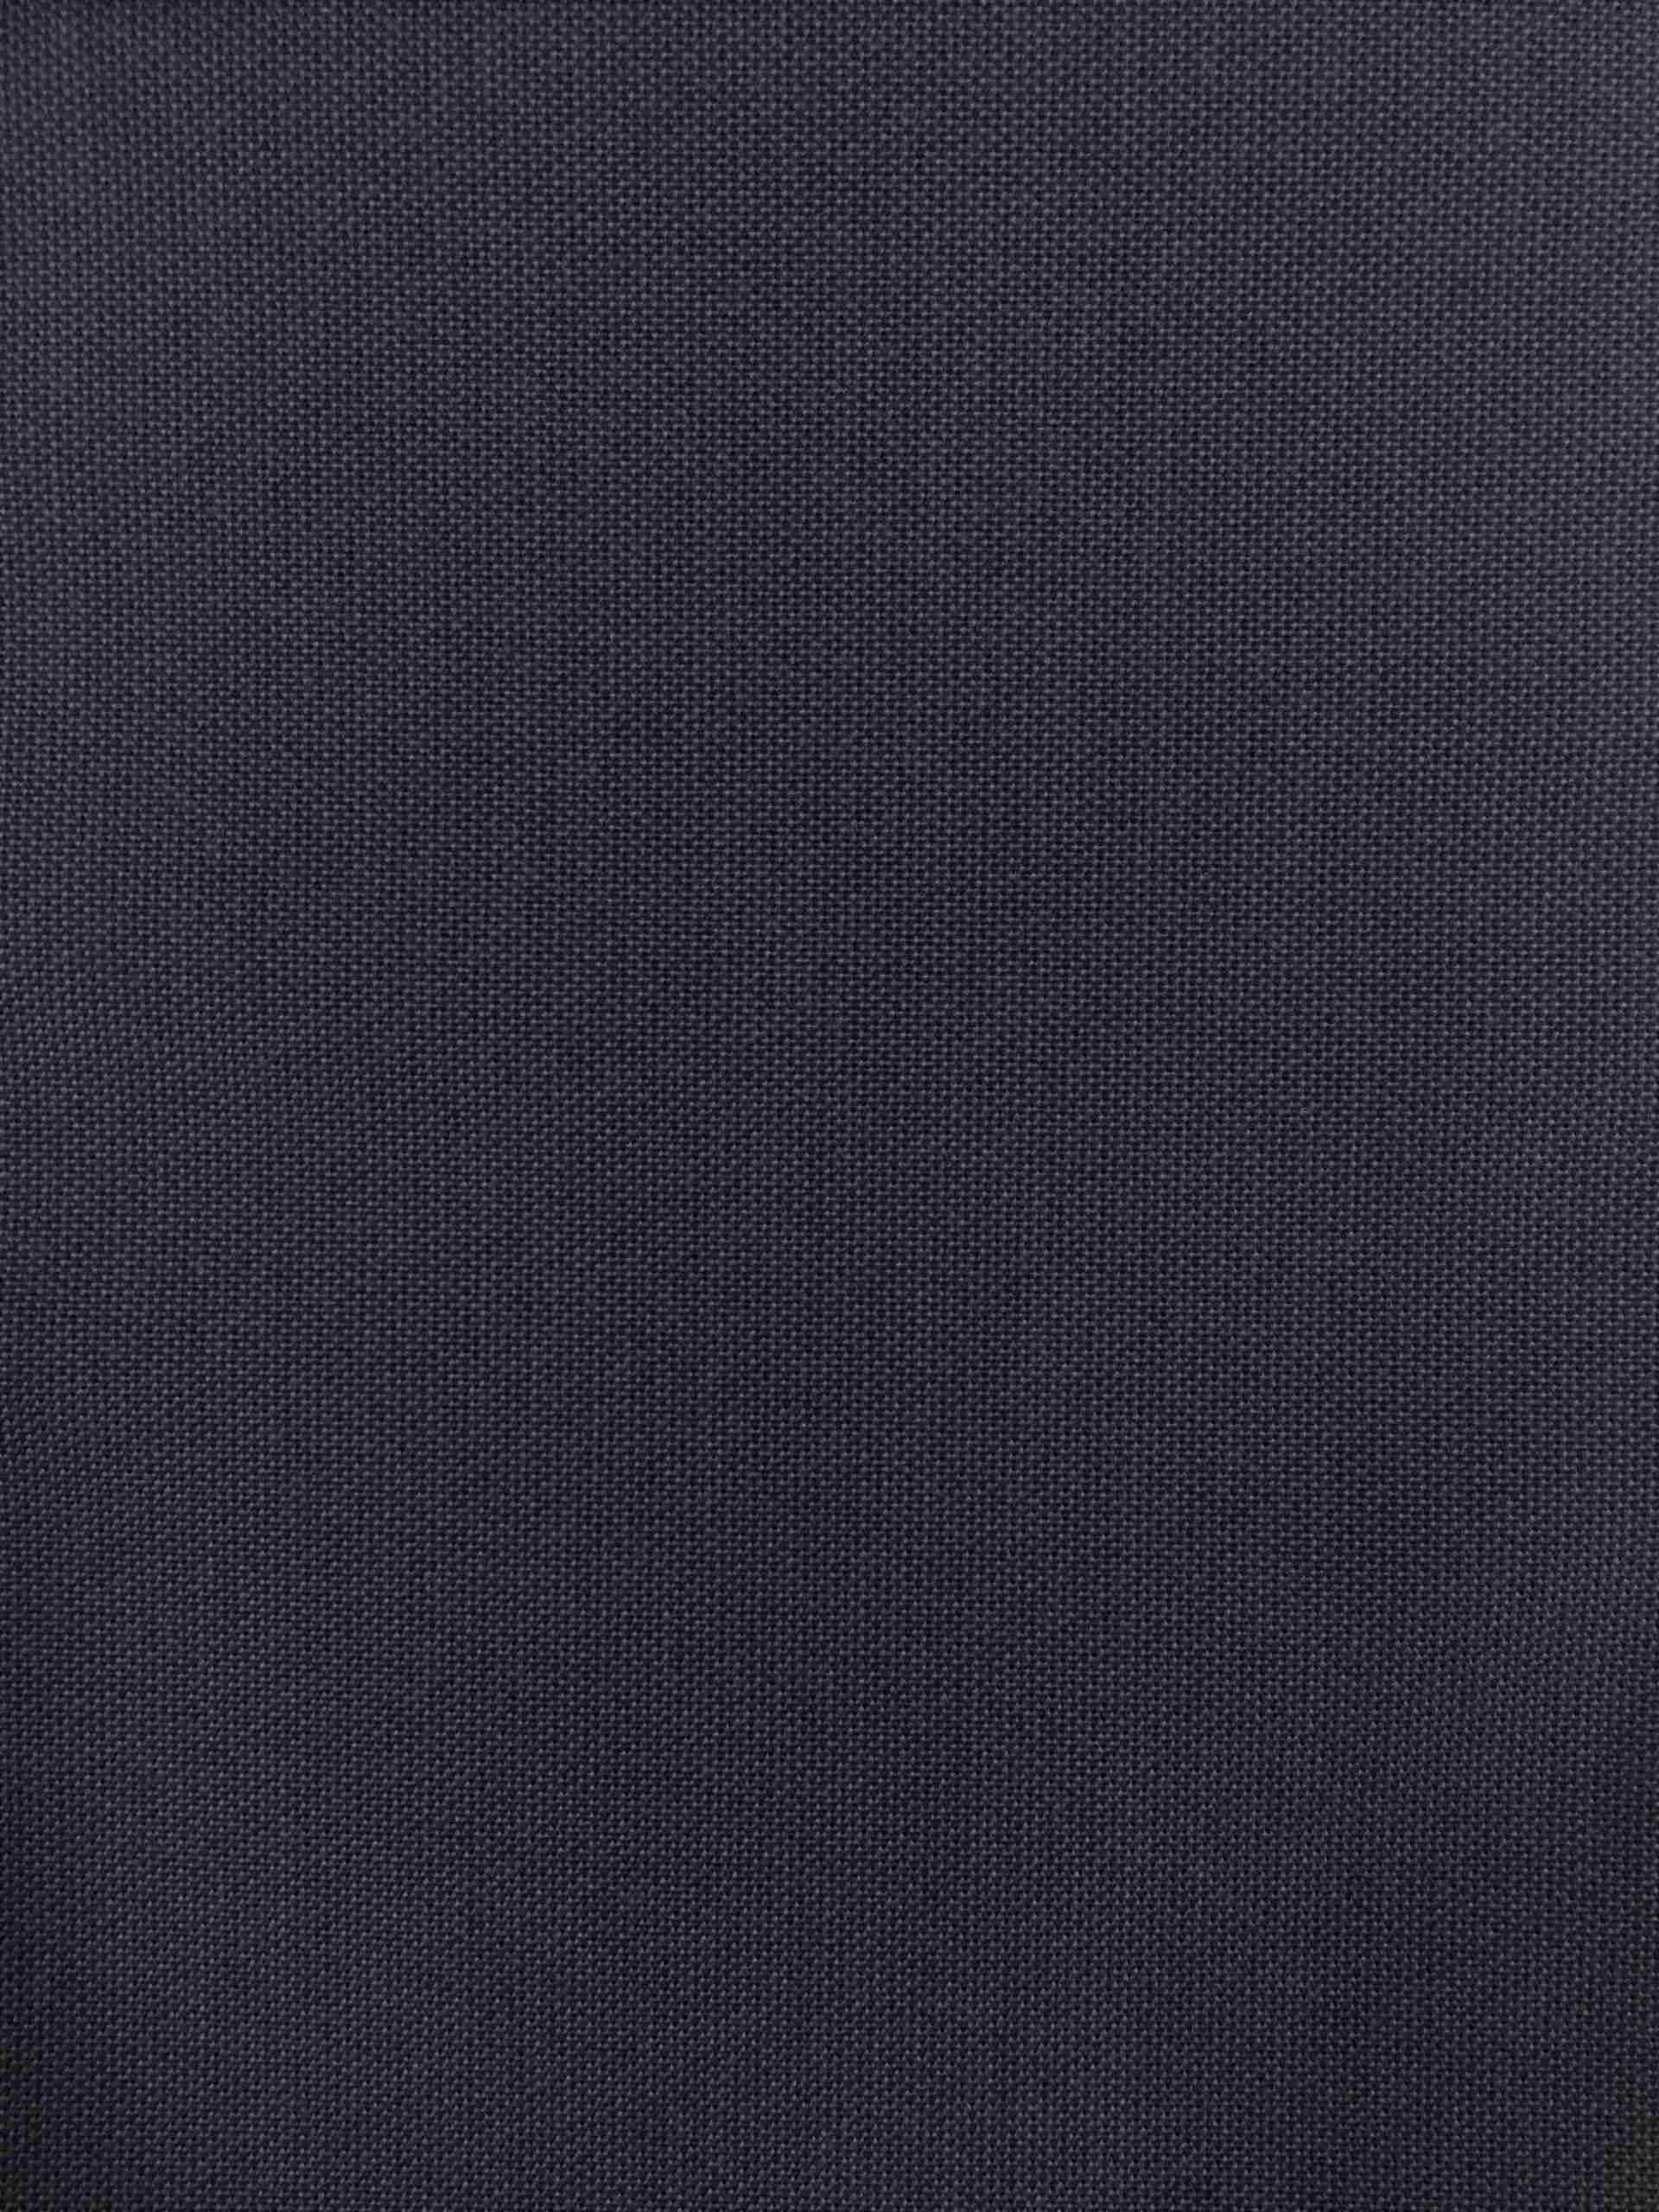 RIVIERA BLUE 3717 KAT. 1